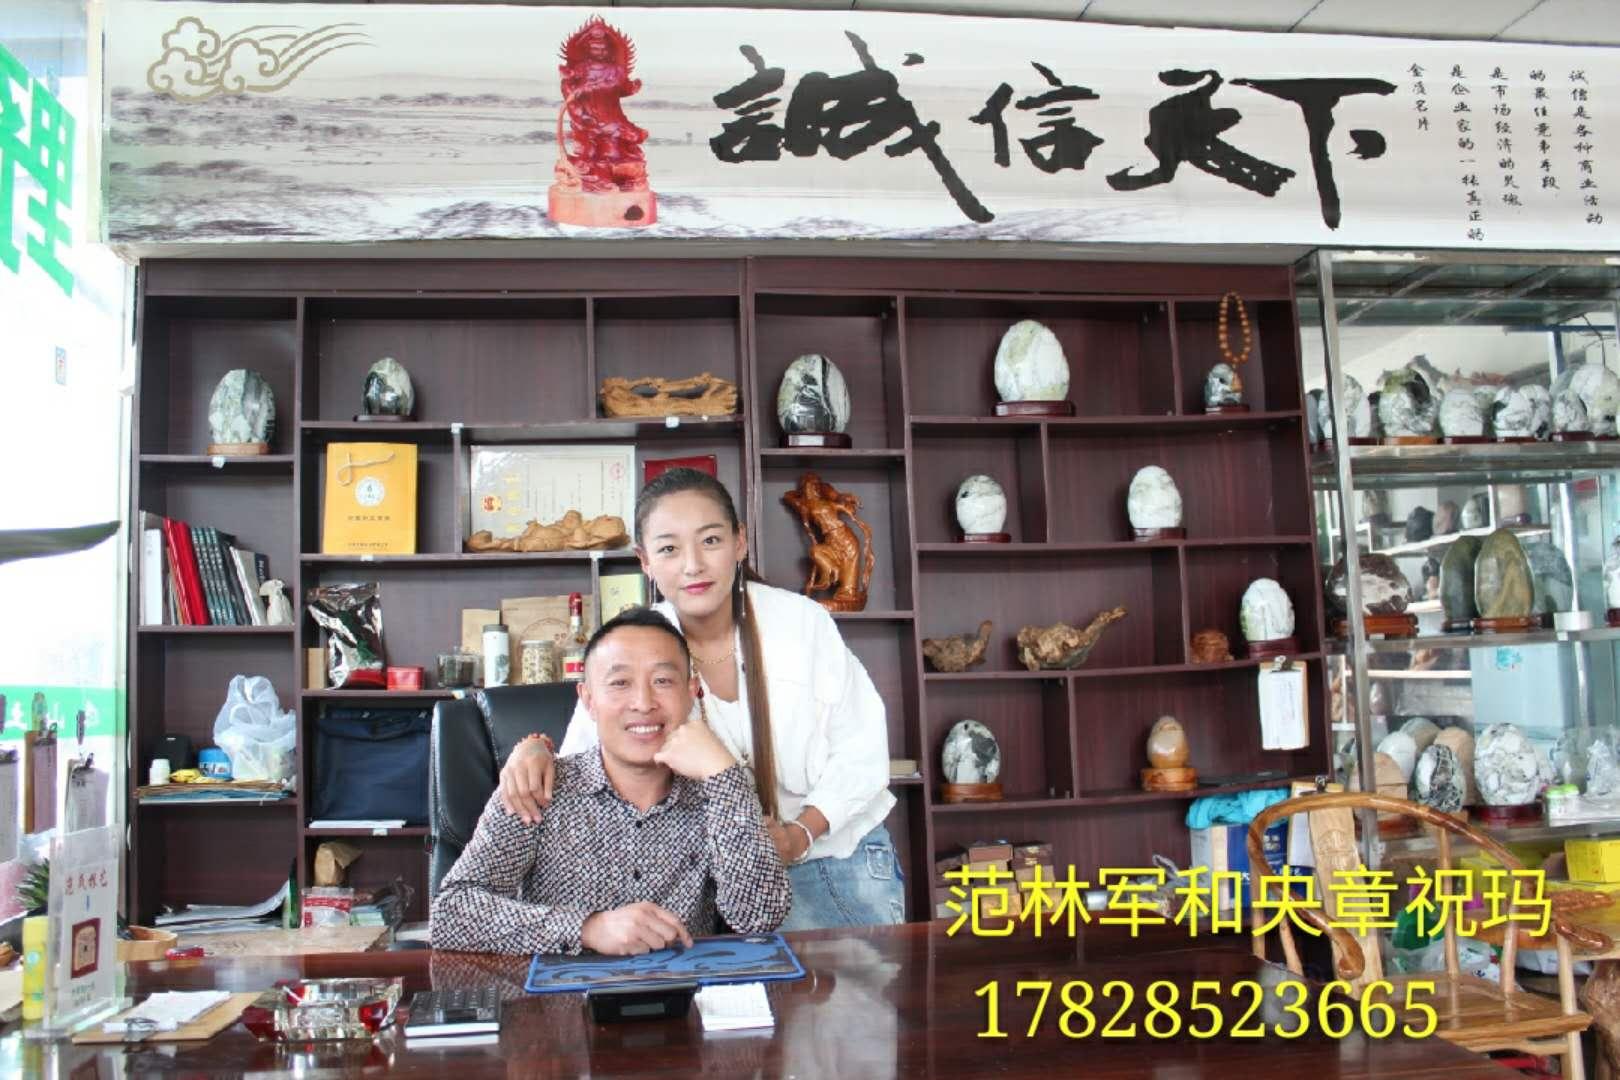 泸沽湖畔:范哥开餐厅玩起了根雕 居然收到意外惊喜